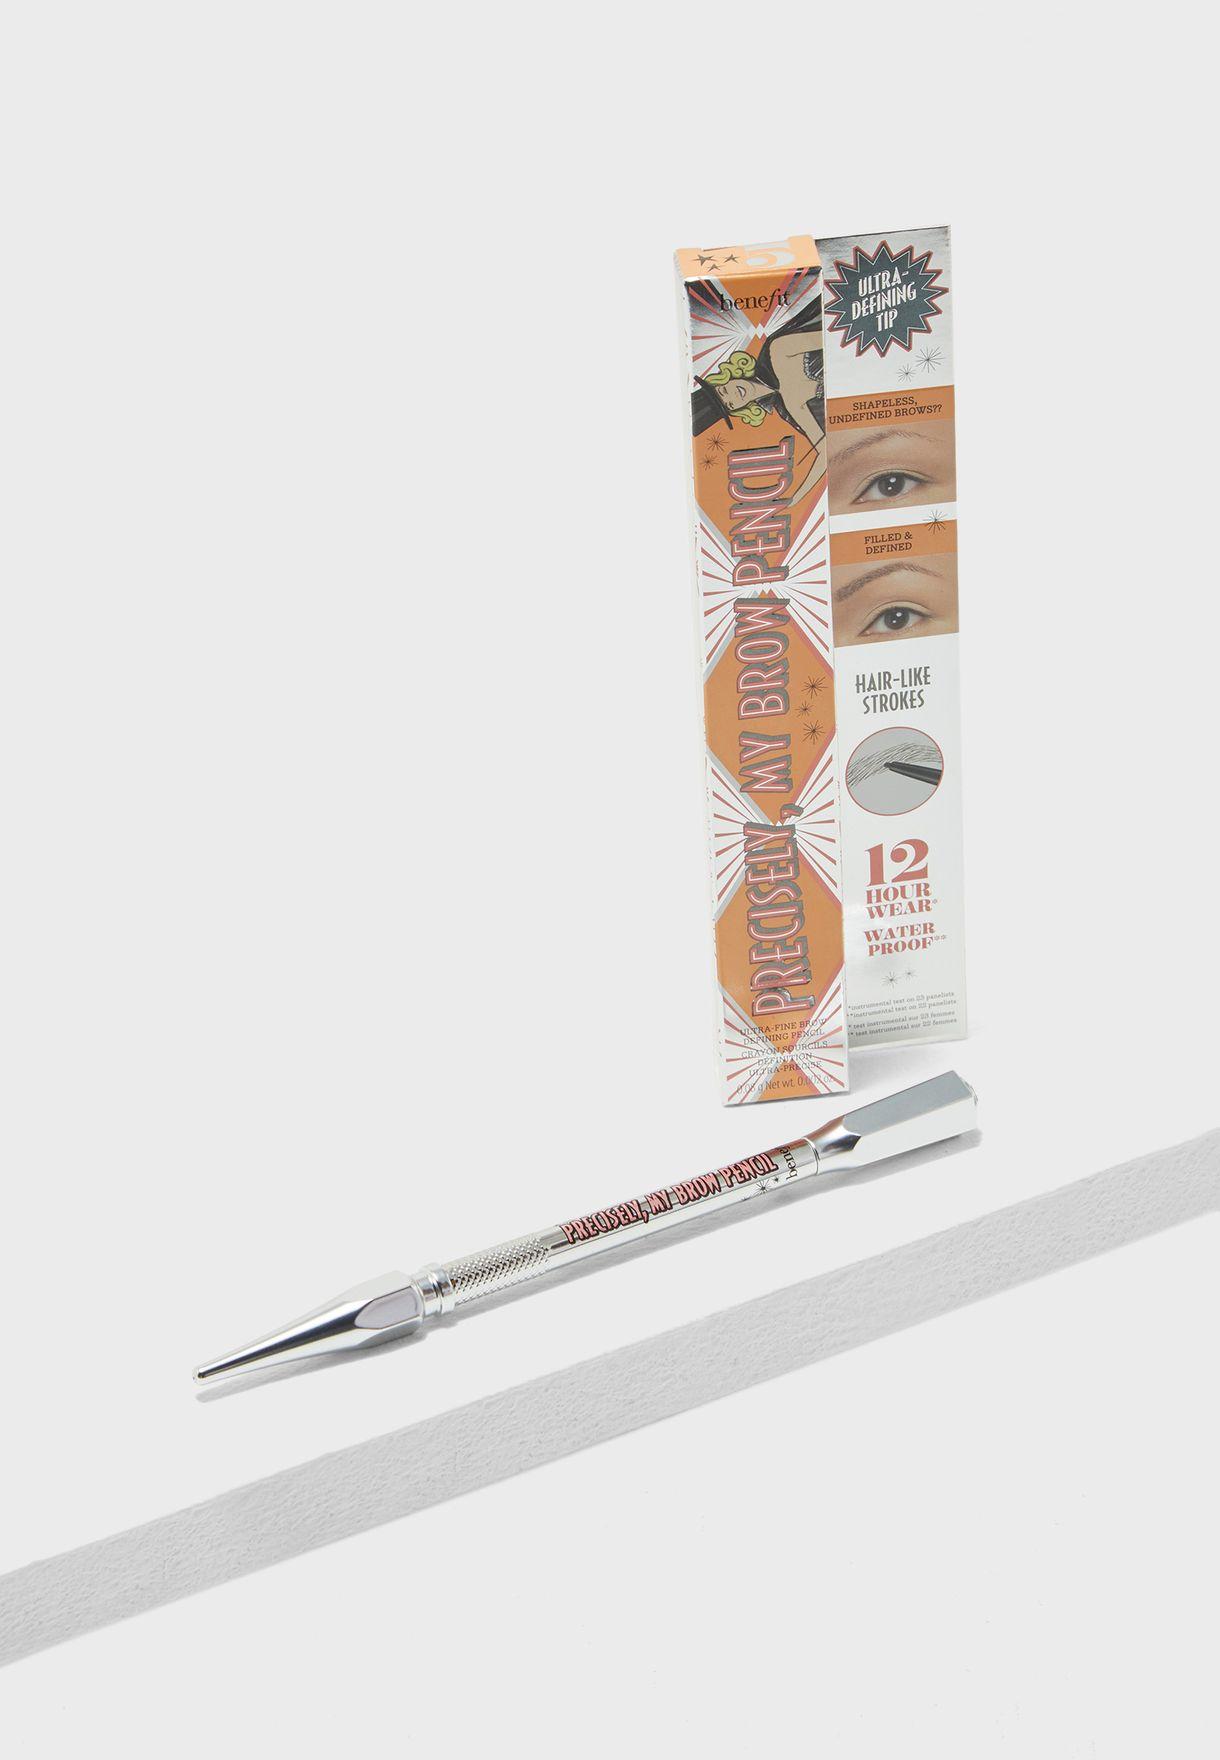 قلم حواجب بريسايسلي ماي برو - ورم بلاك براون